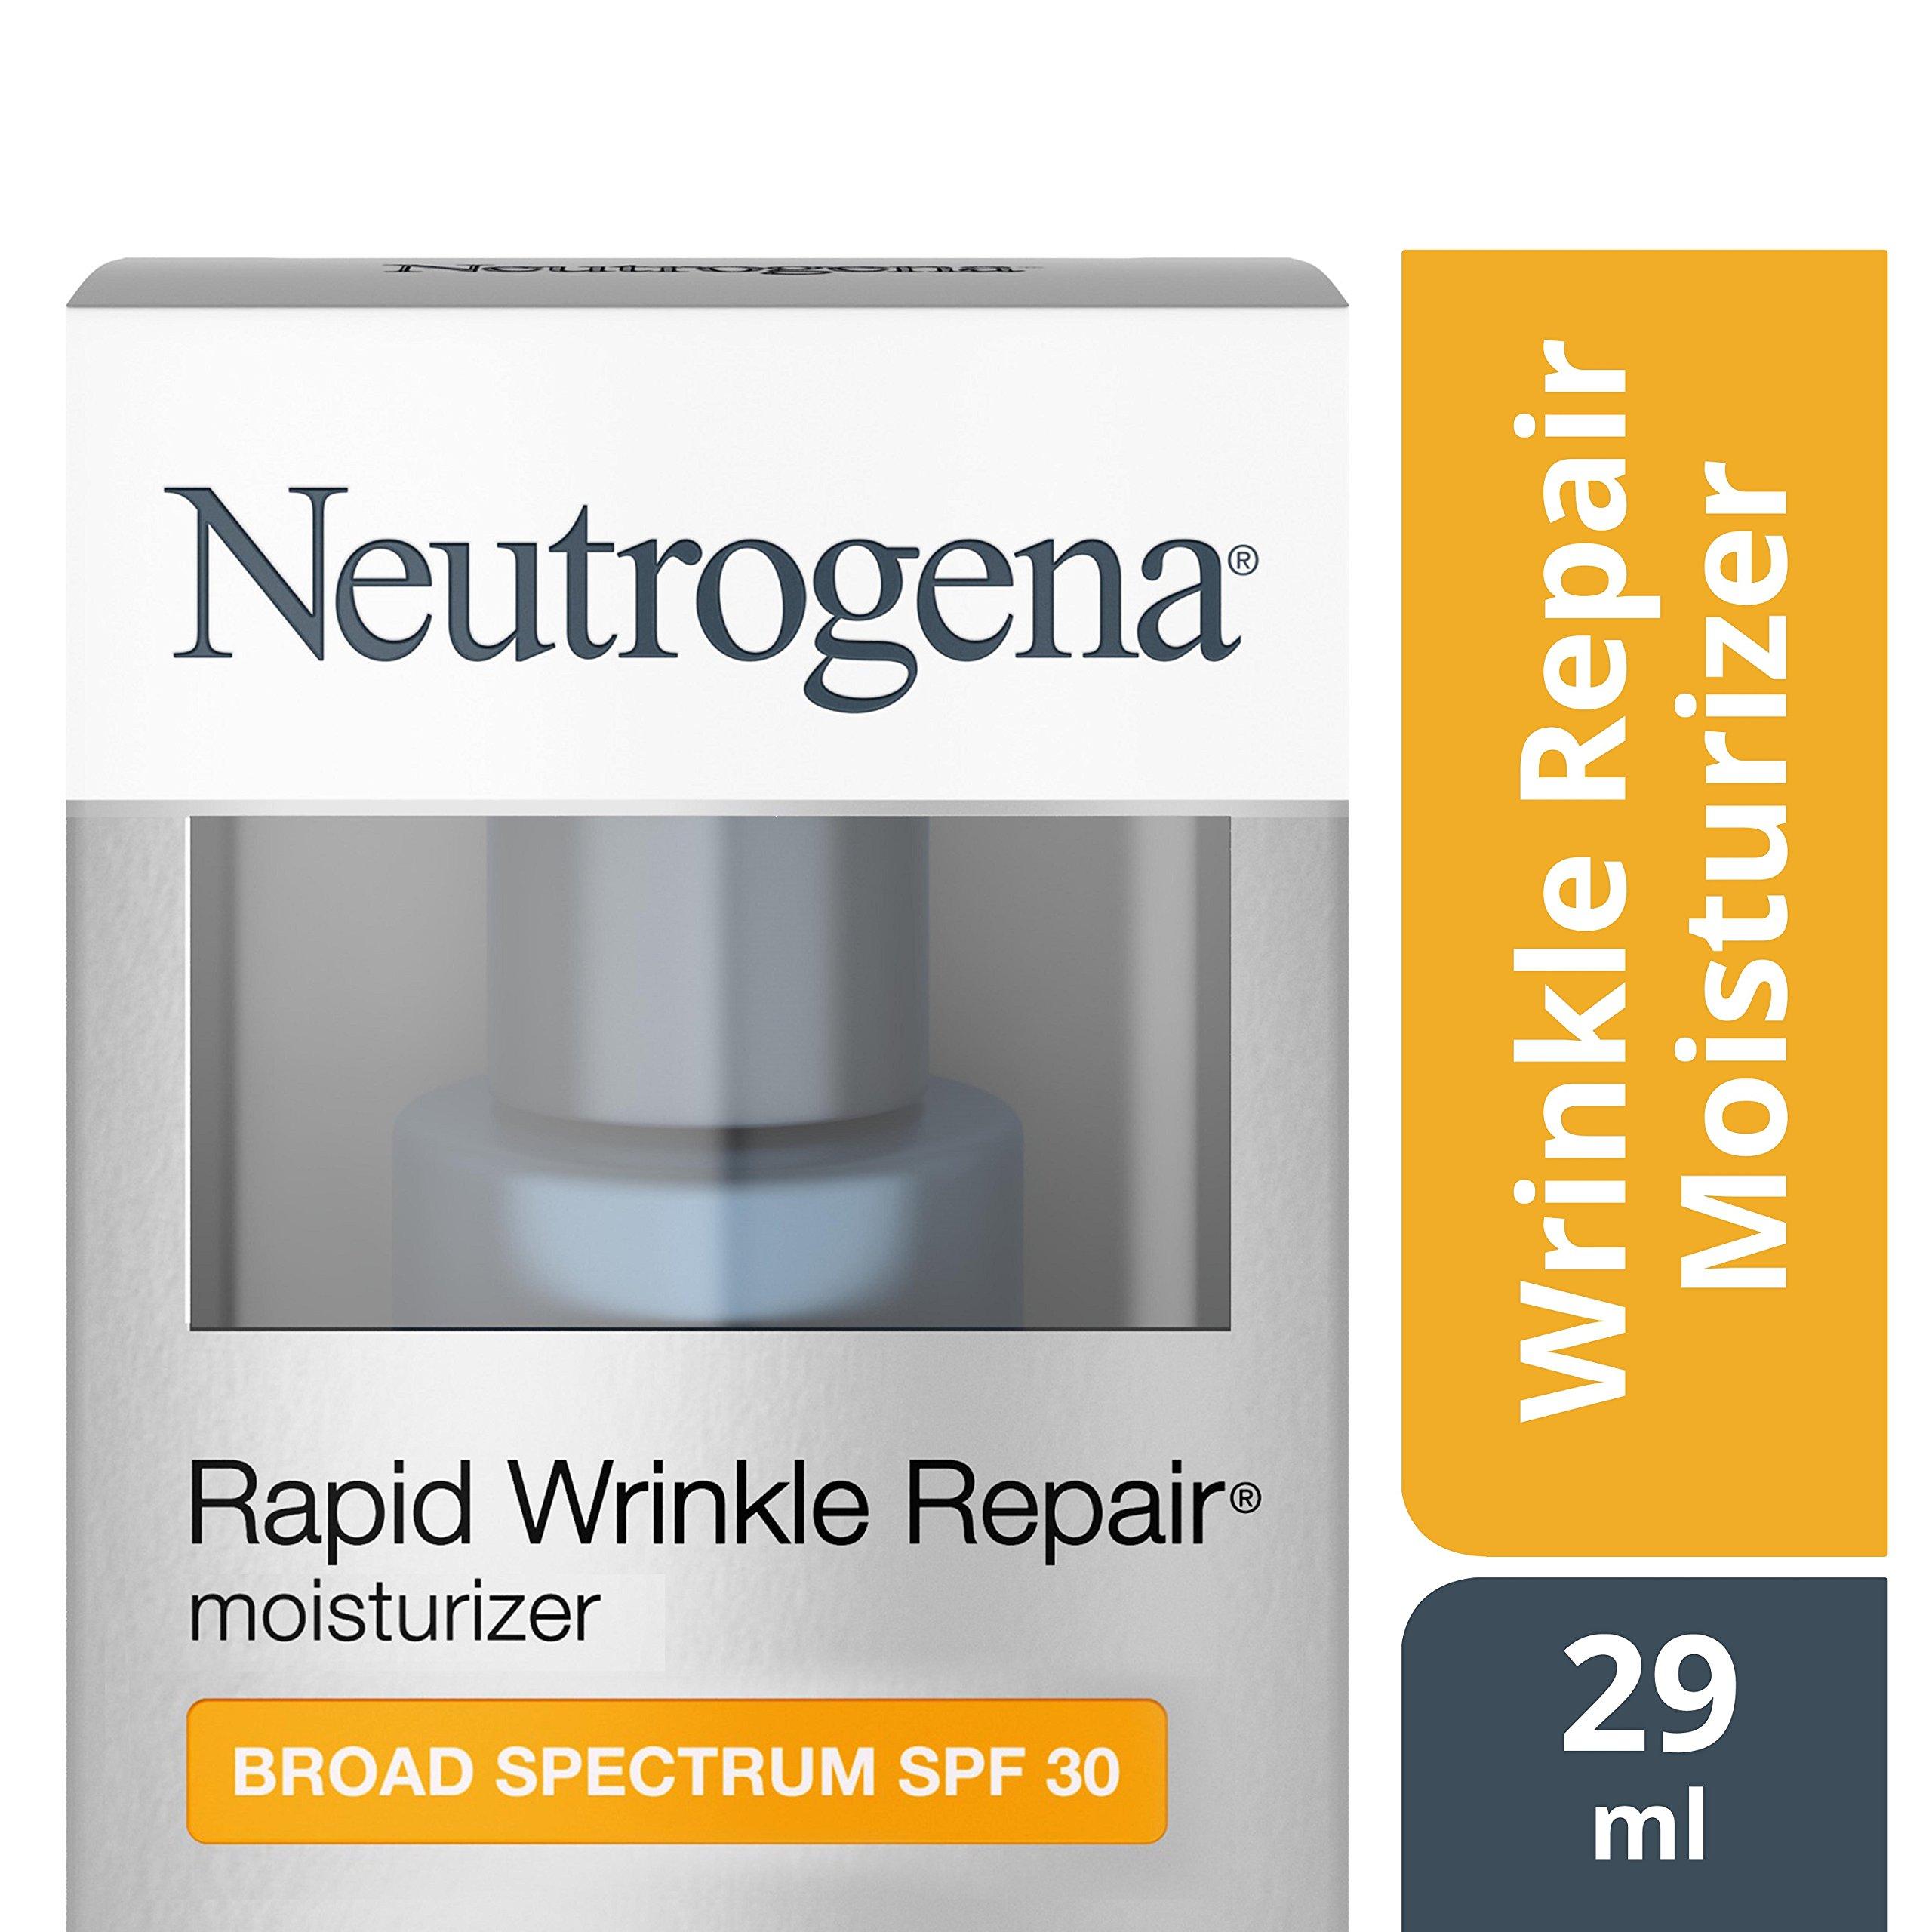 Neutrogena Rapid Wrinkle Repair Anti-Wrinkle Retinol Daily Face Moisturizer, with SPF 30 Sunscreen, 1 fl. Oz by Neutrogena (Image #8)